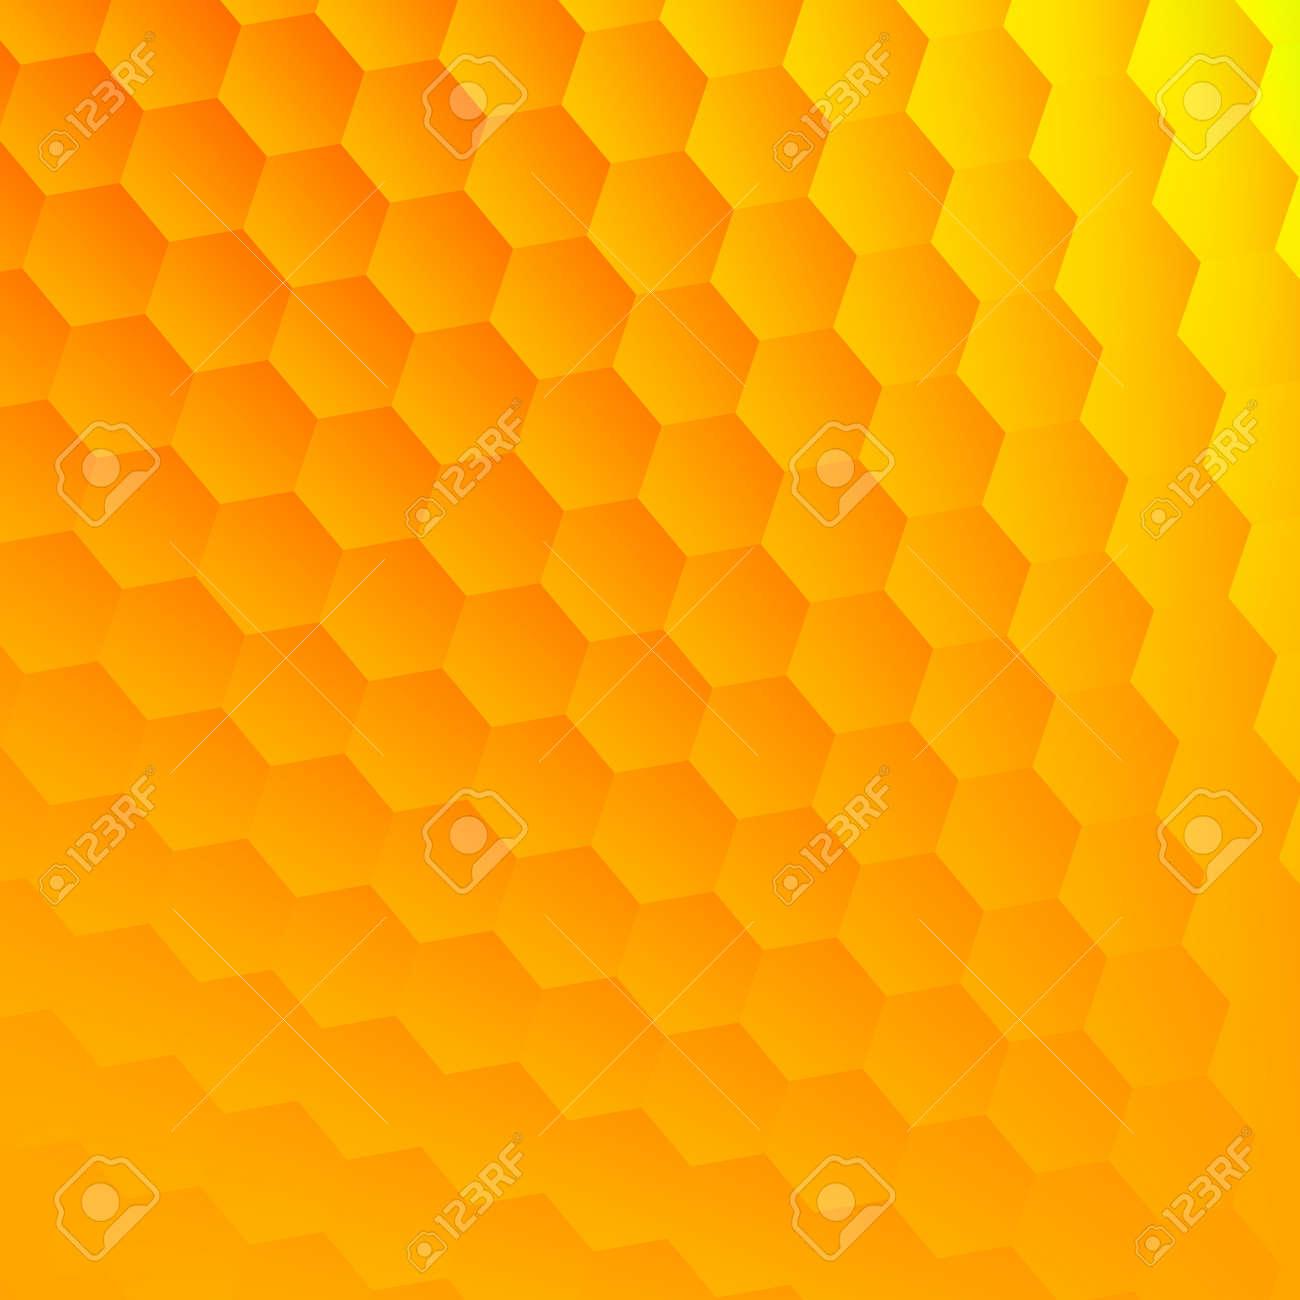 Zusammenfassung Gelben Hexagone Hintergrund. Kühle Sechseck Gitter ...